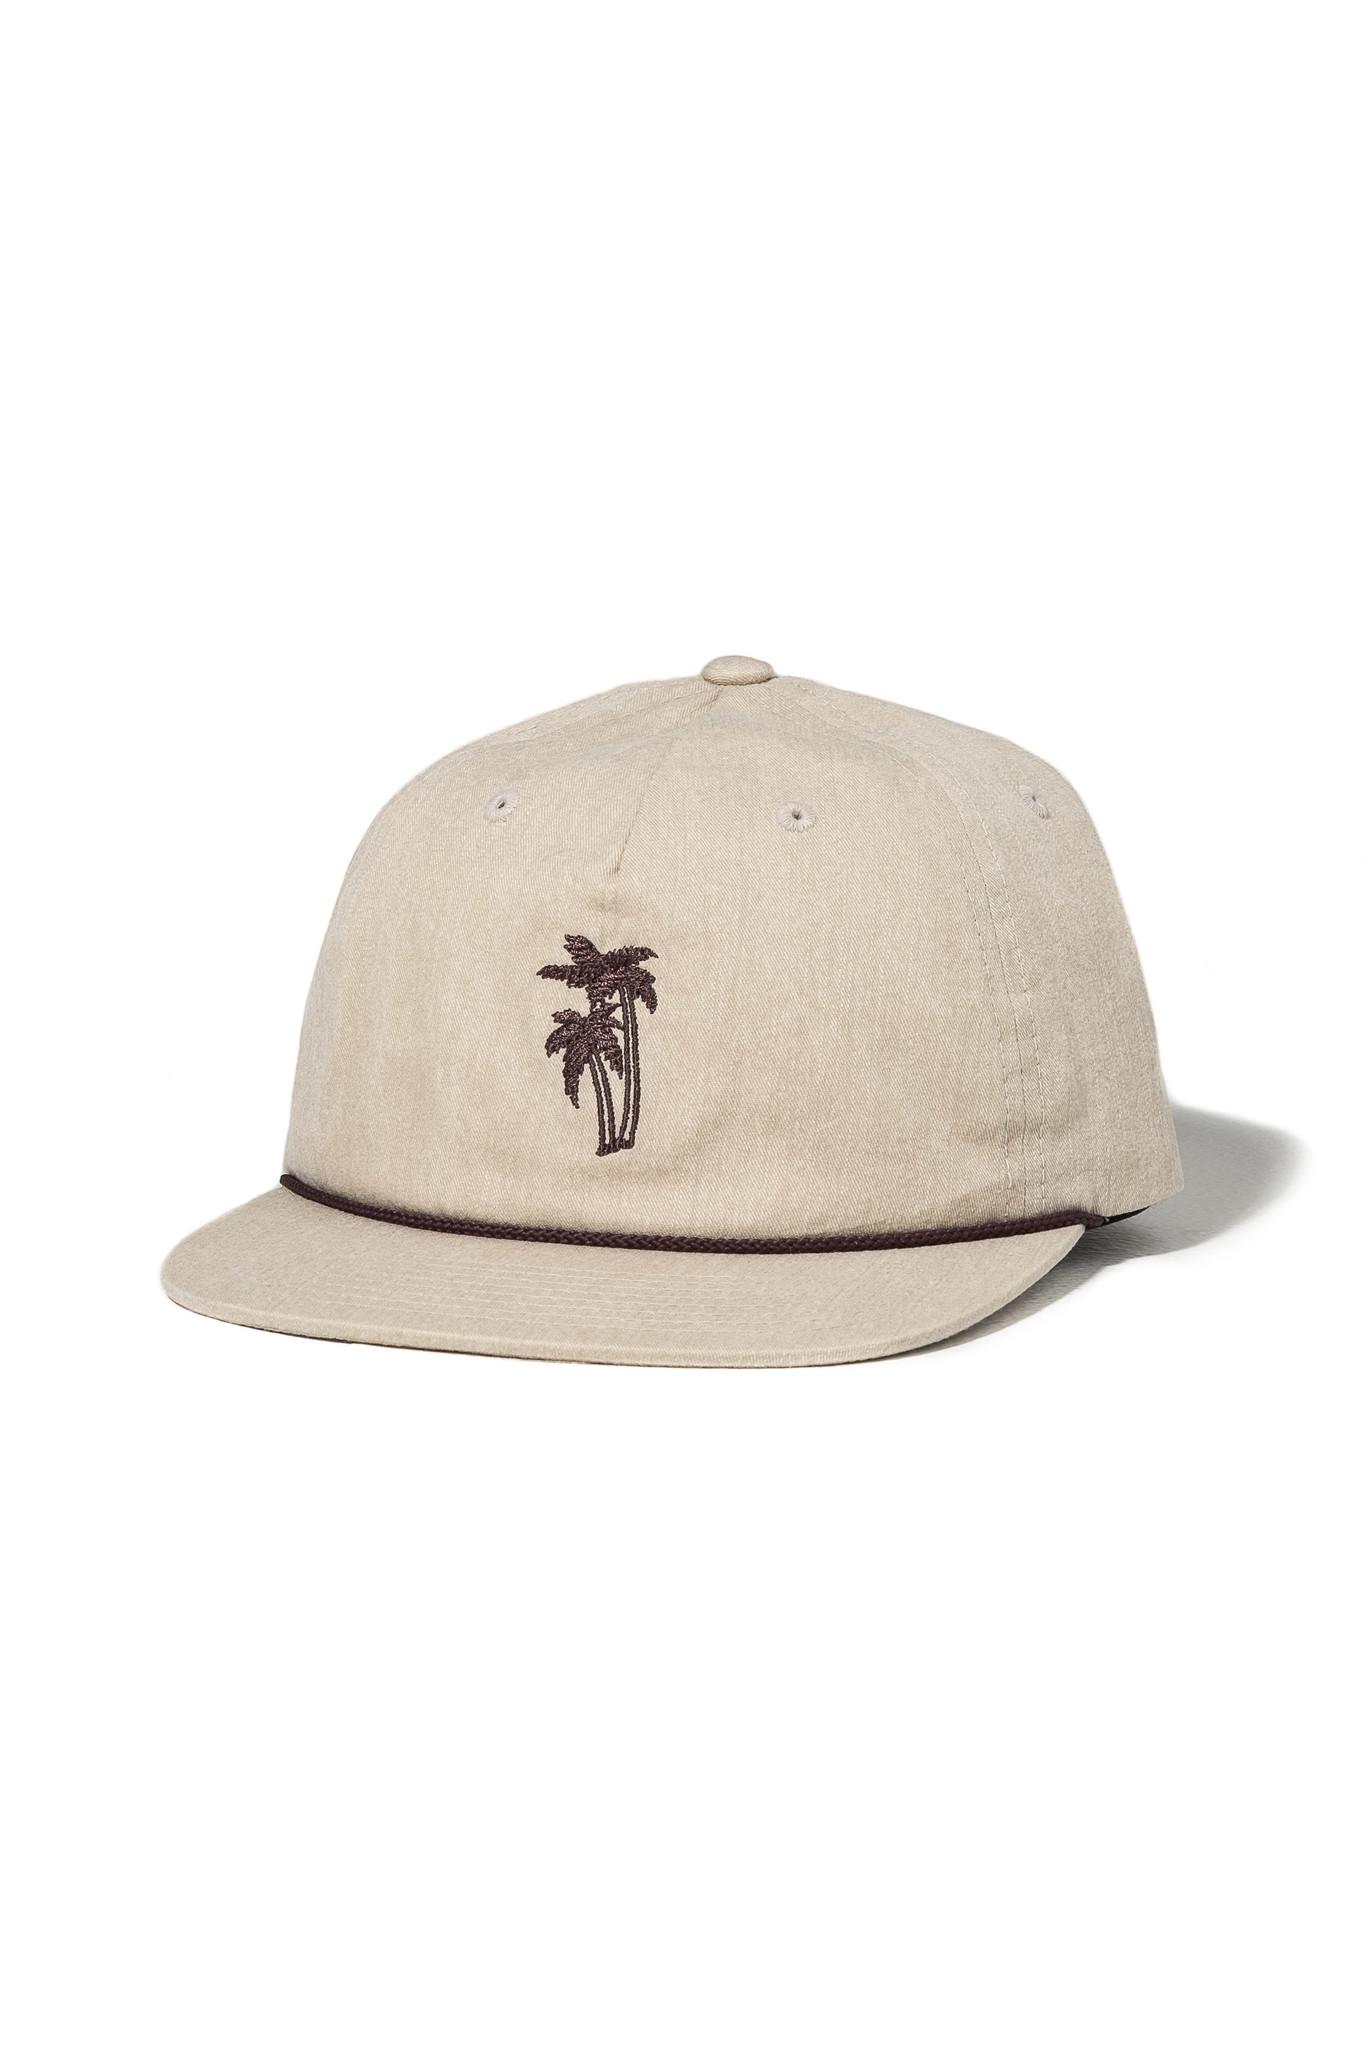 KatinUSA Katin - Dos Palm Hat